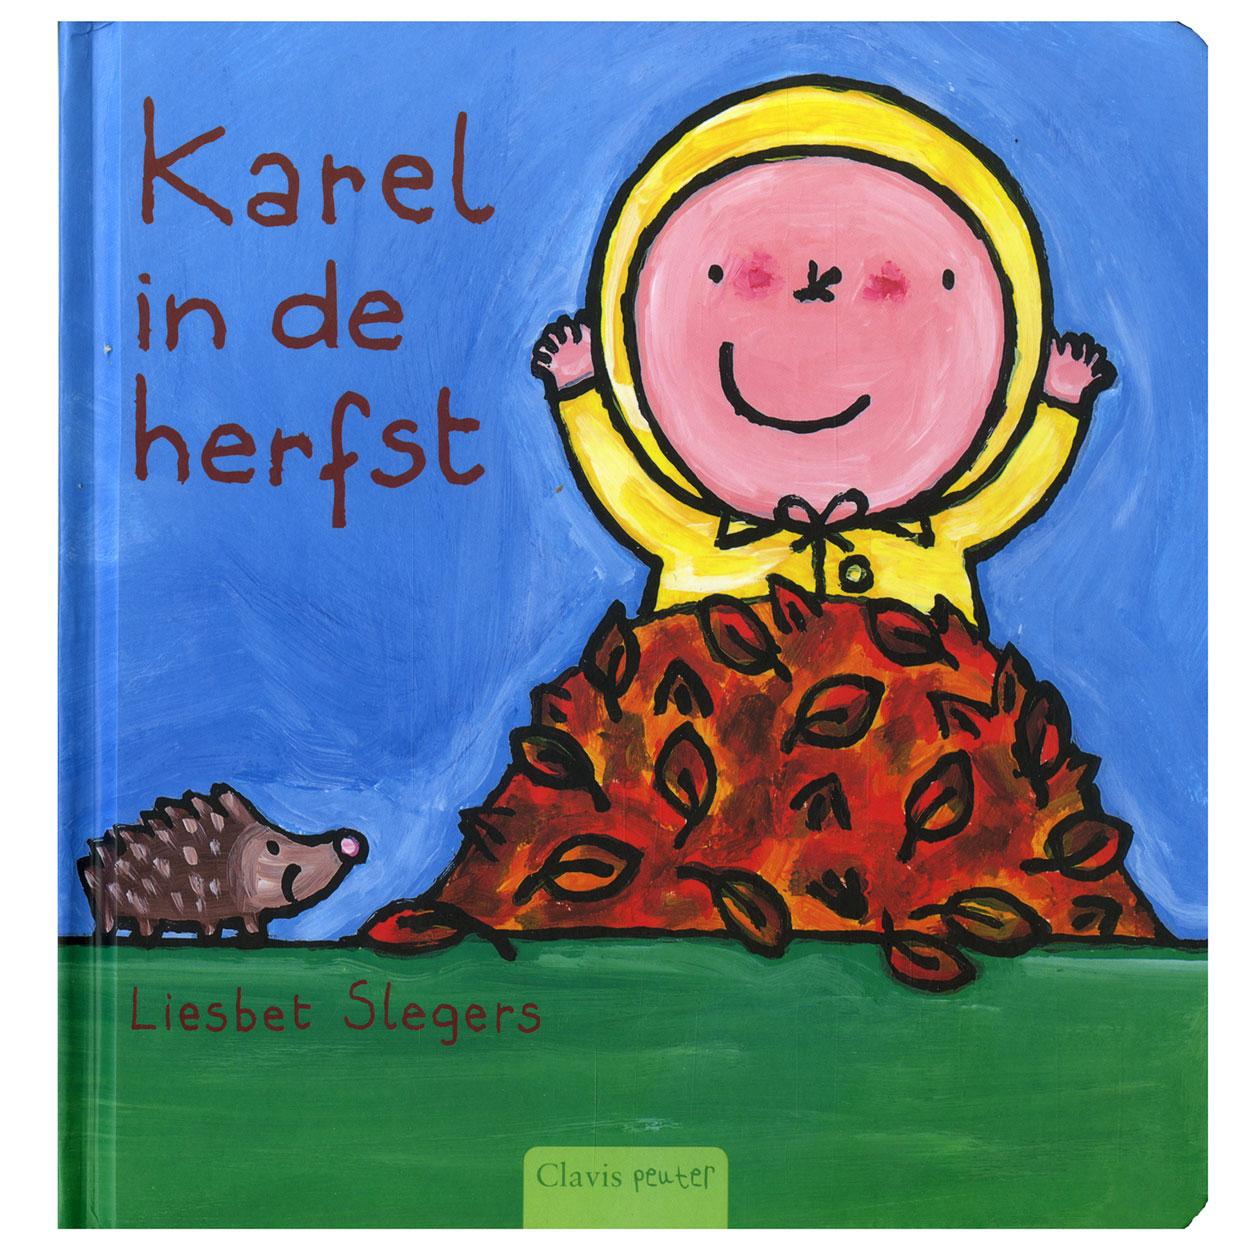 Karel in de herfst | Liesbet Slegers